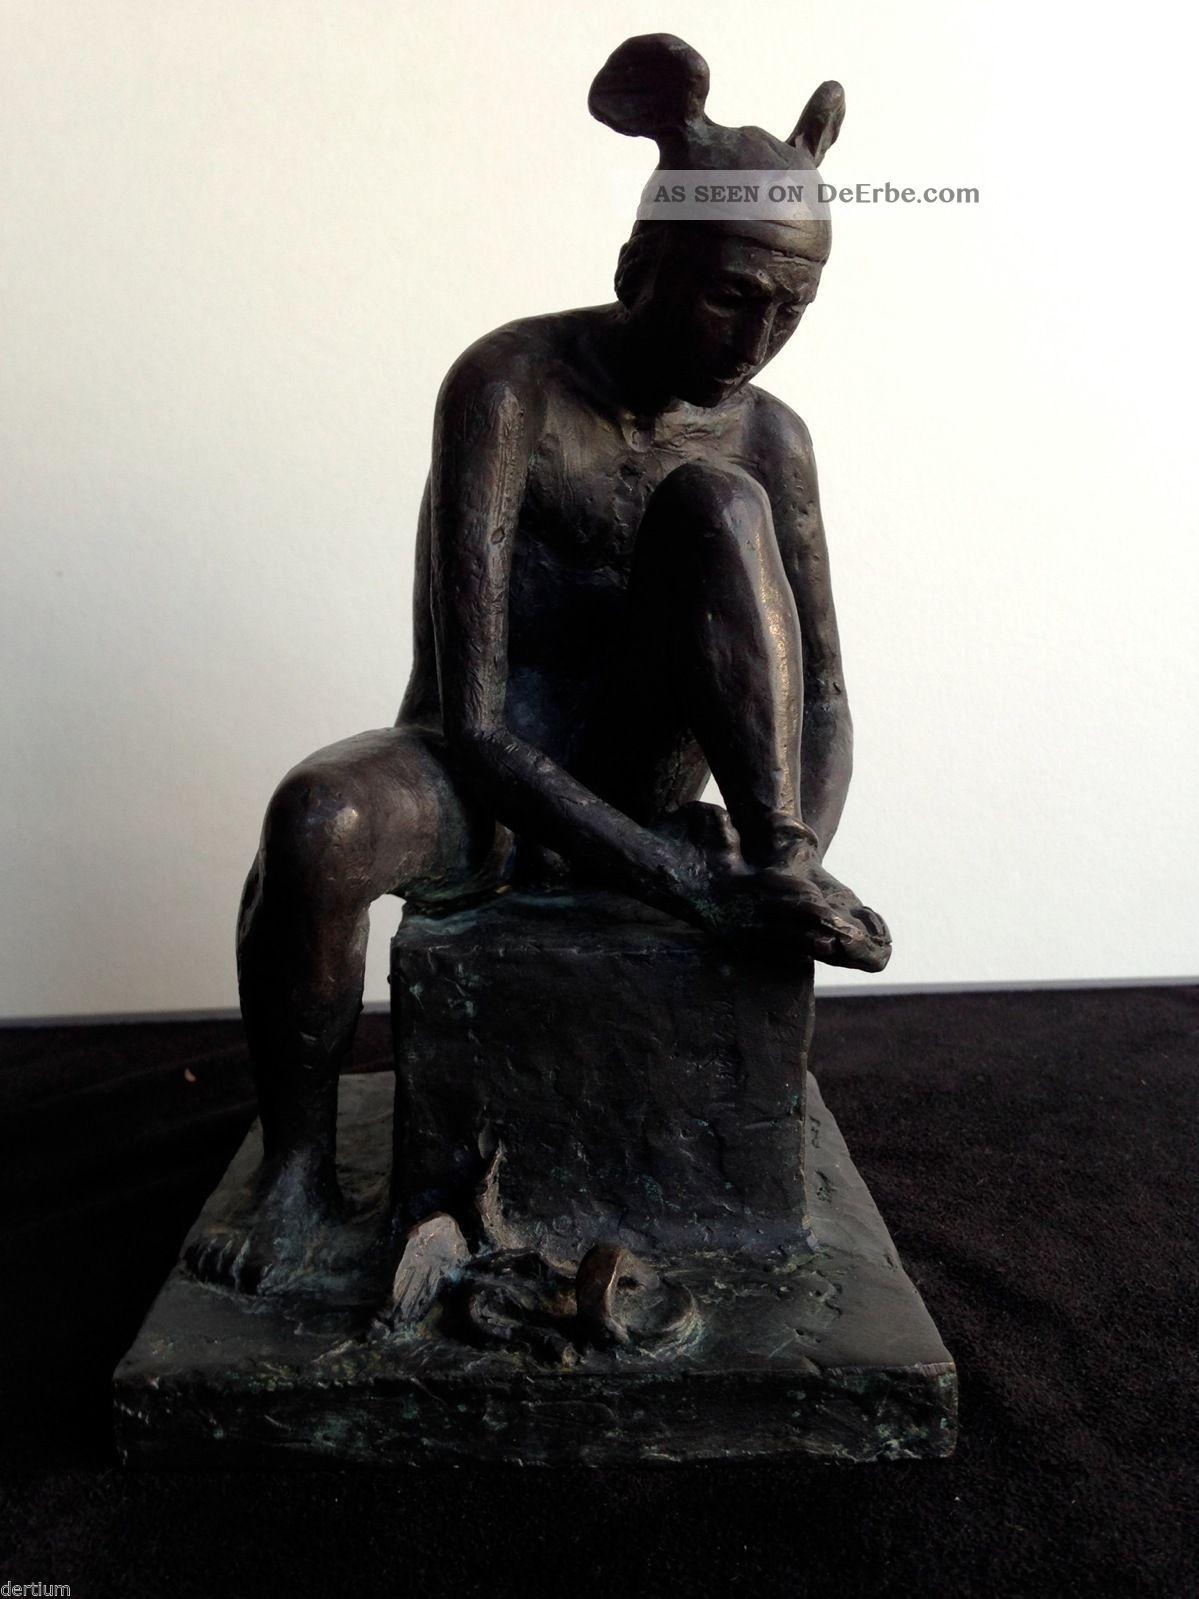 Olaf Höhnen 1933 - 2009 - Bronze - Hermes Sich Die Schuhe Bindend 1950-1999 Bild